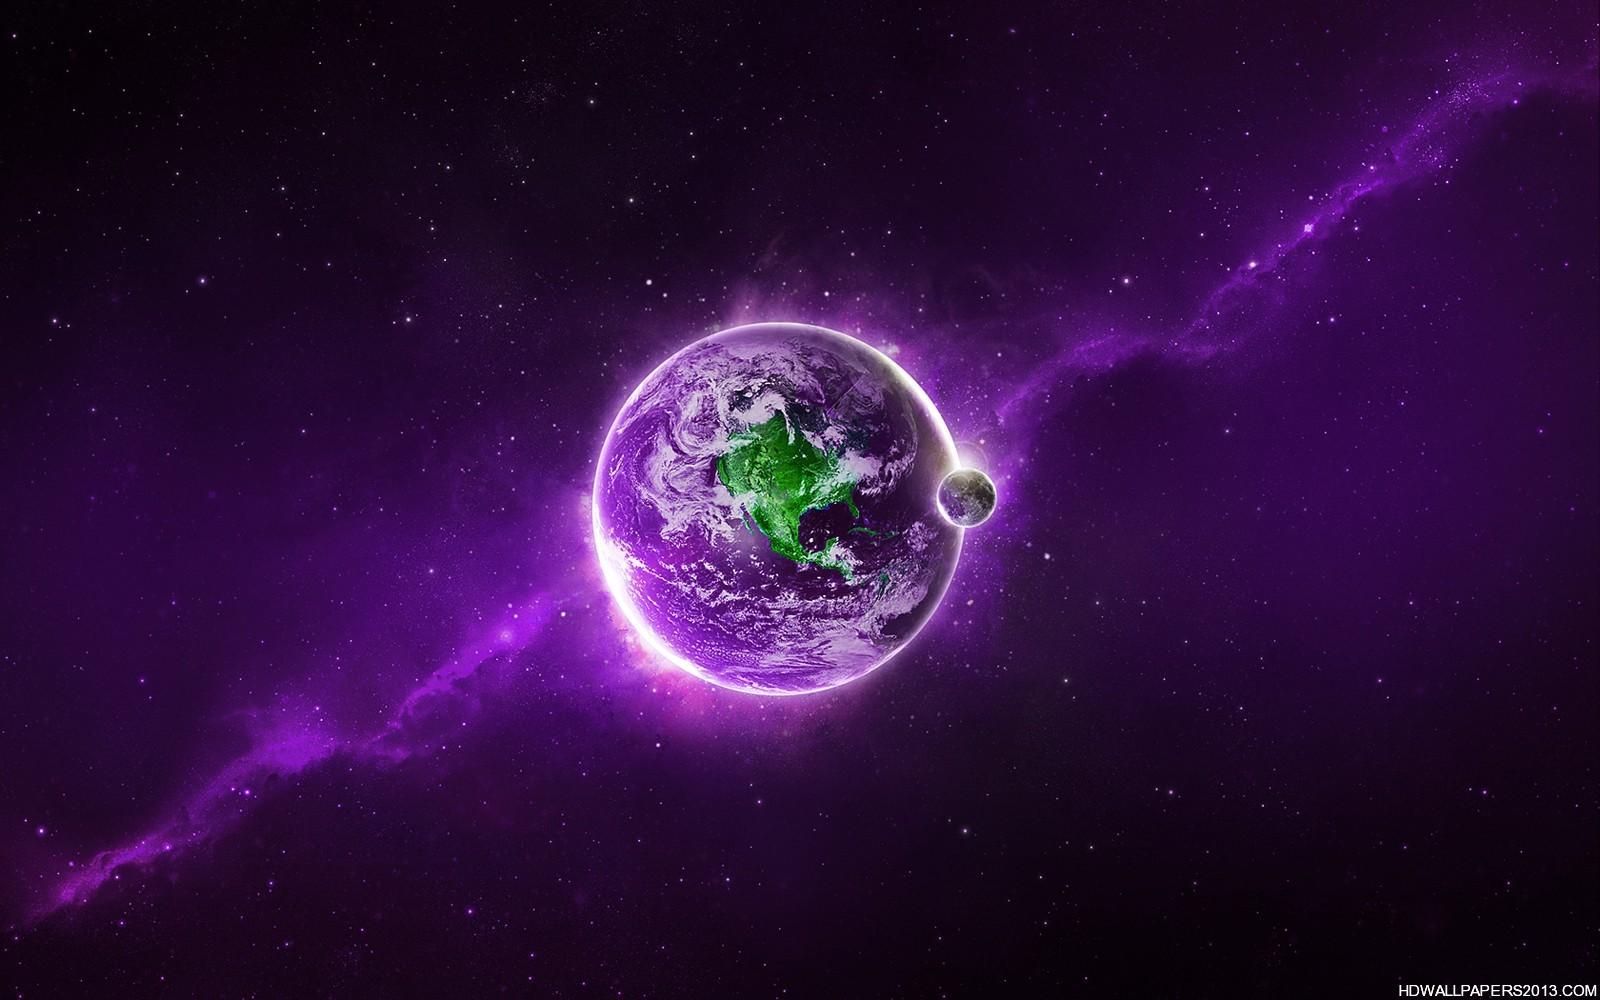 purple desktop background wallpaper   wwwwallpapers in hdcom 1600x1000